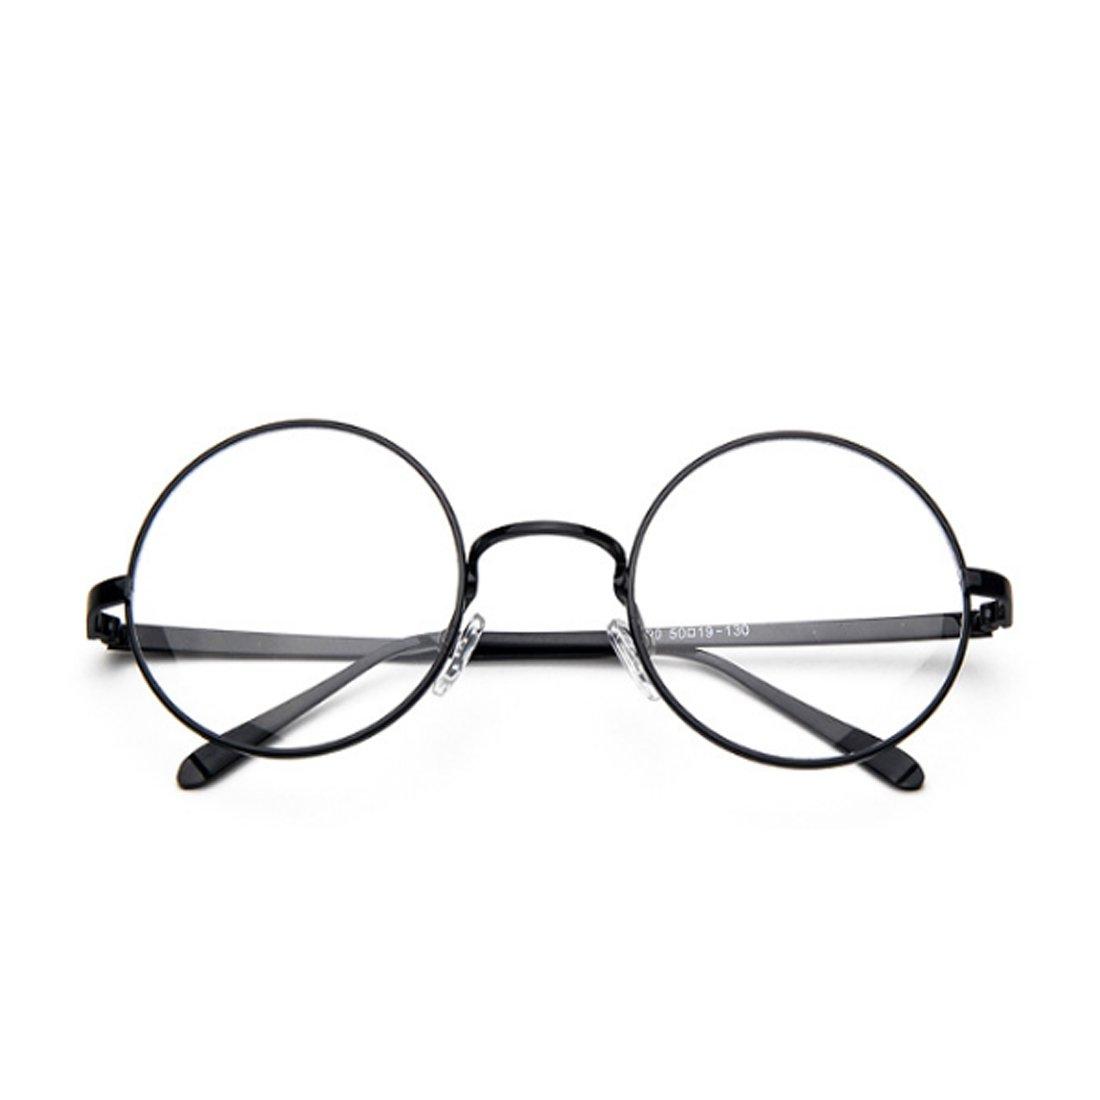 ac7718aa19 Yefree Femme Mâle Verres pour la myopie Lunettes rondes Cadre lunettes  fines Cadre rétro Lunettes et Accessoires